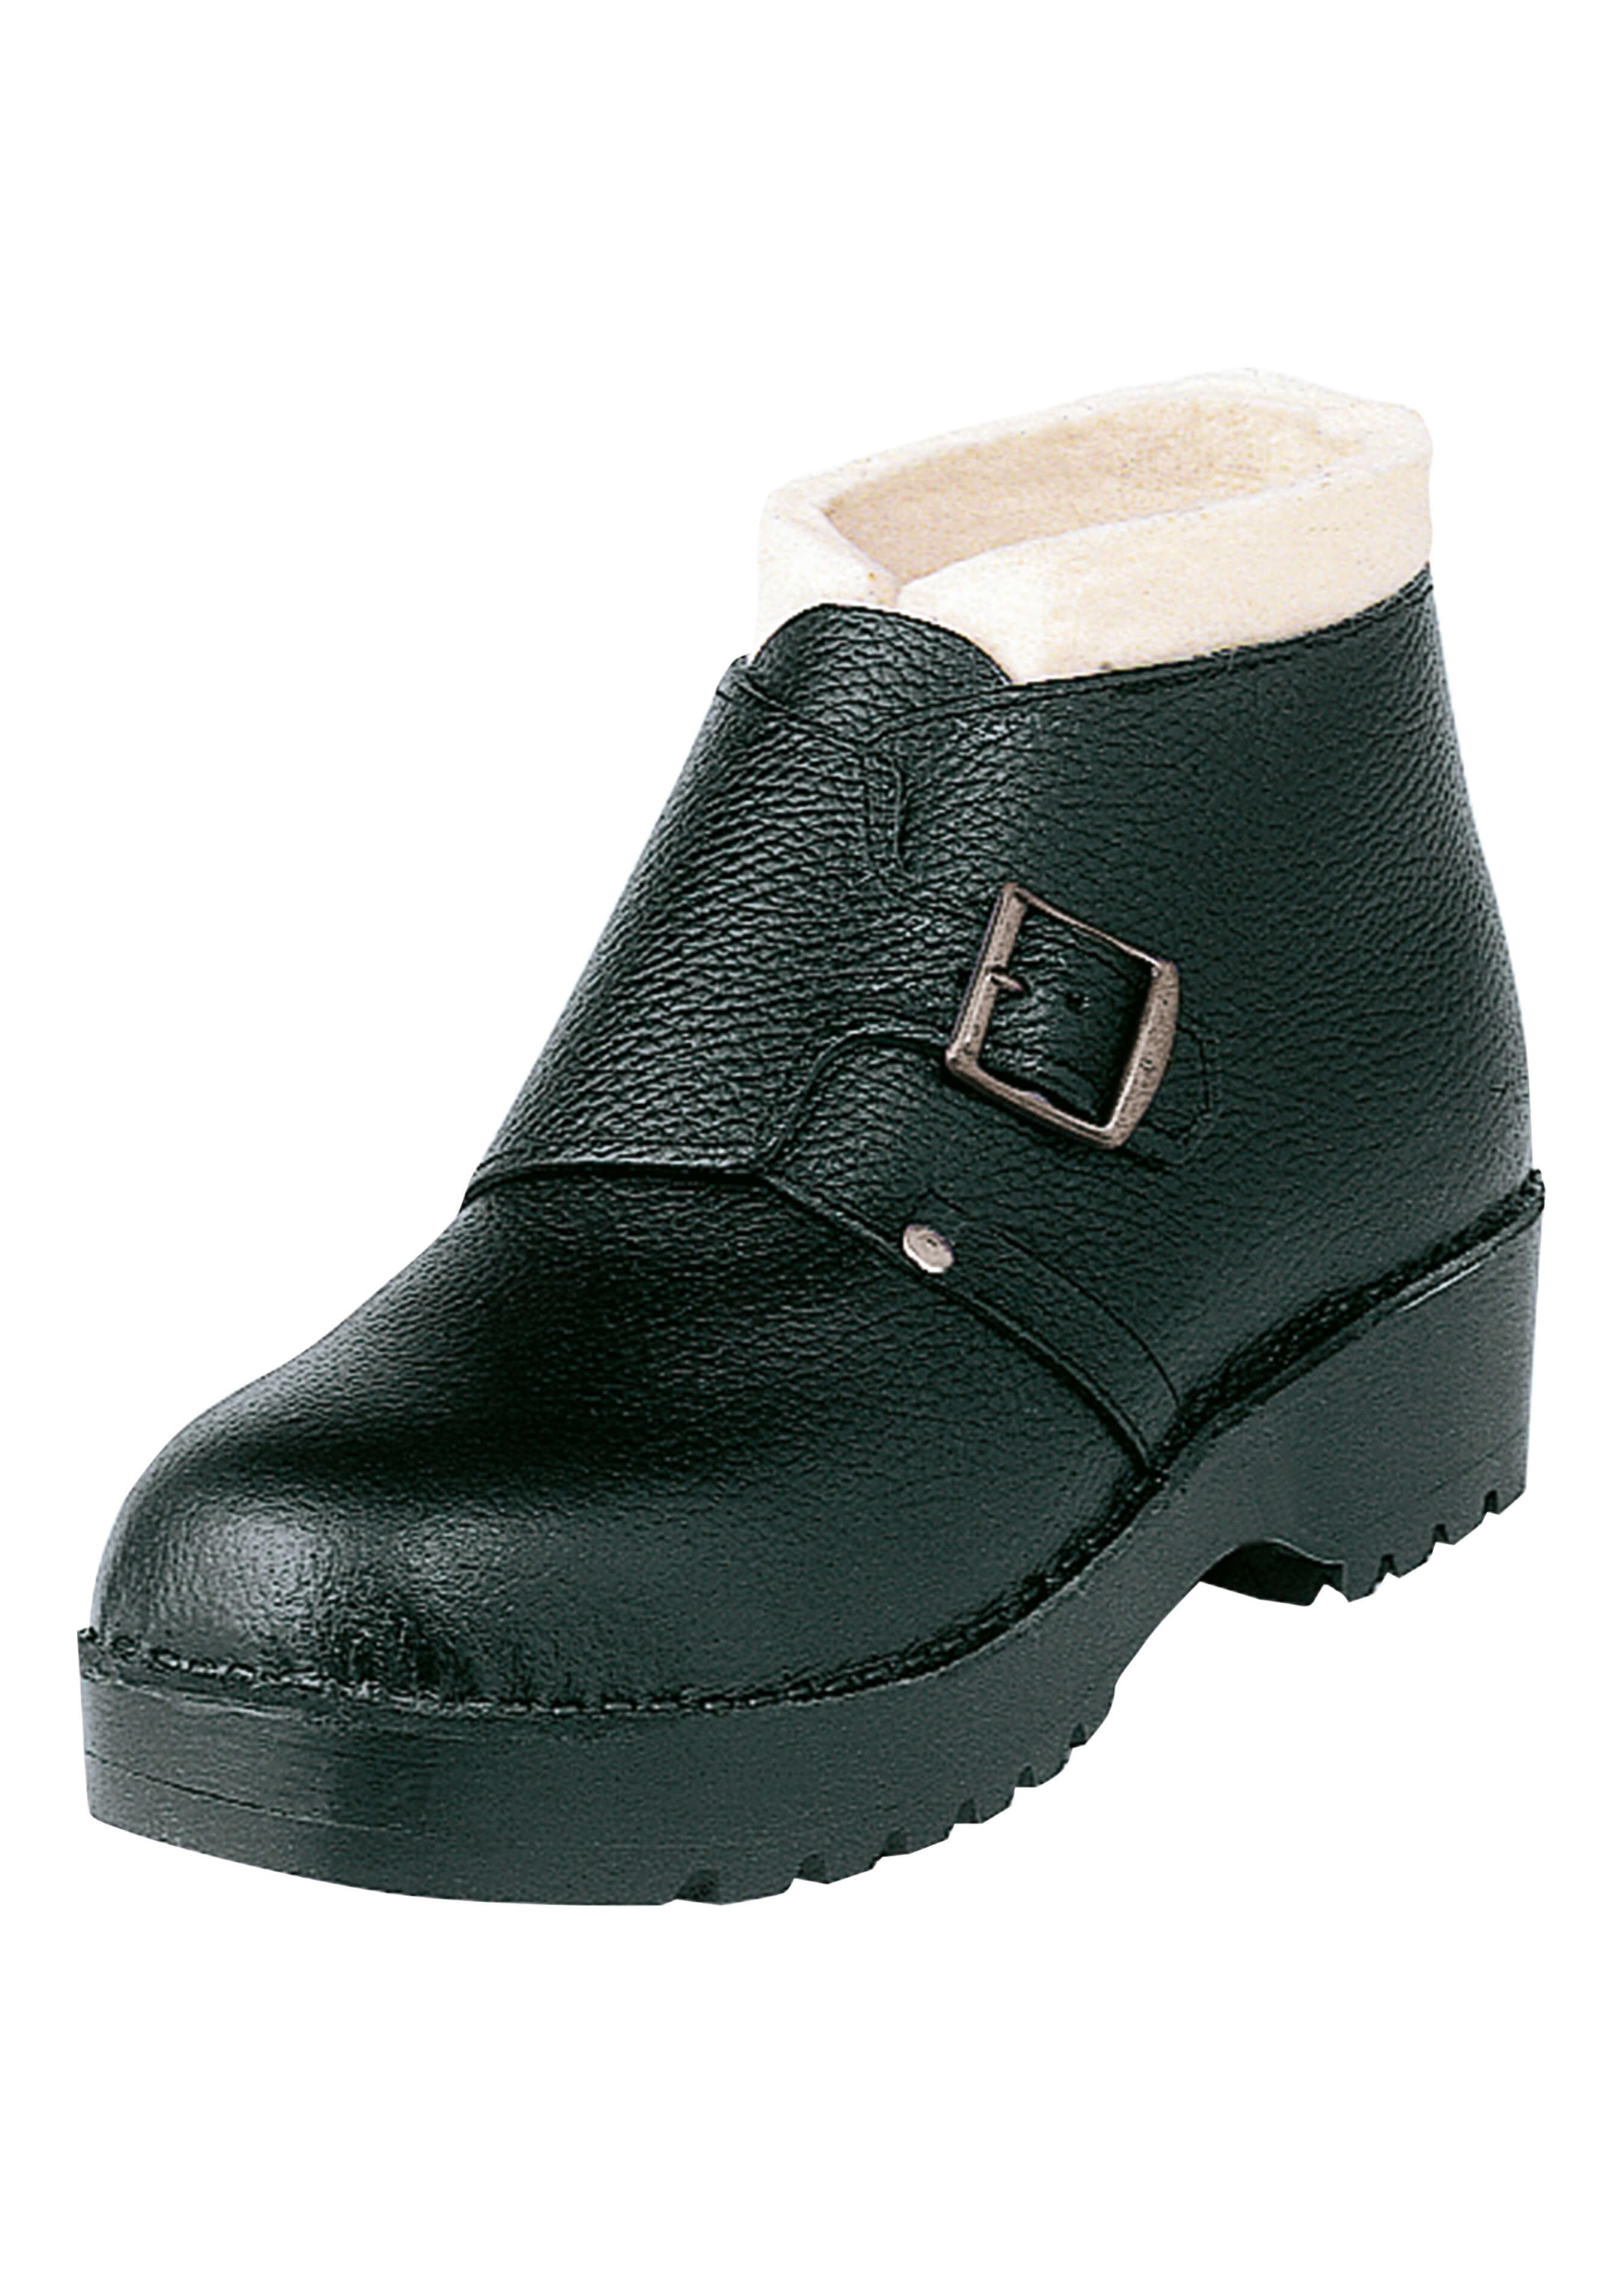 Chaussure avec semelle en bois L420237 1